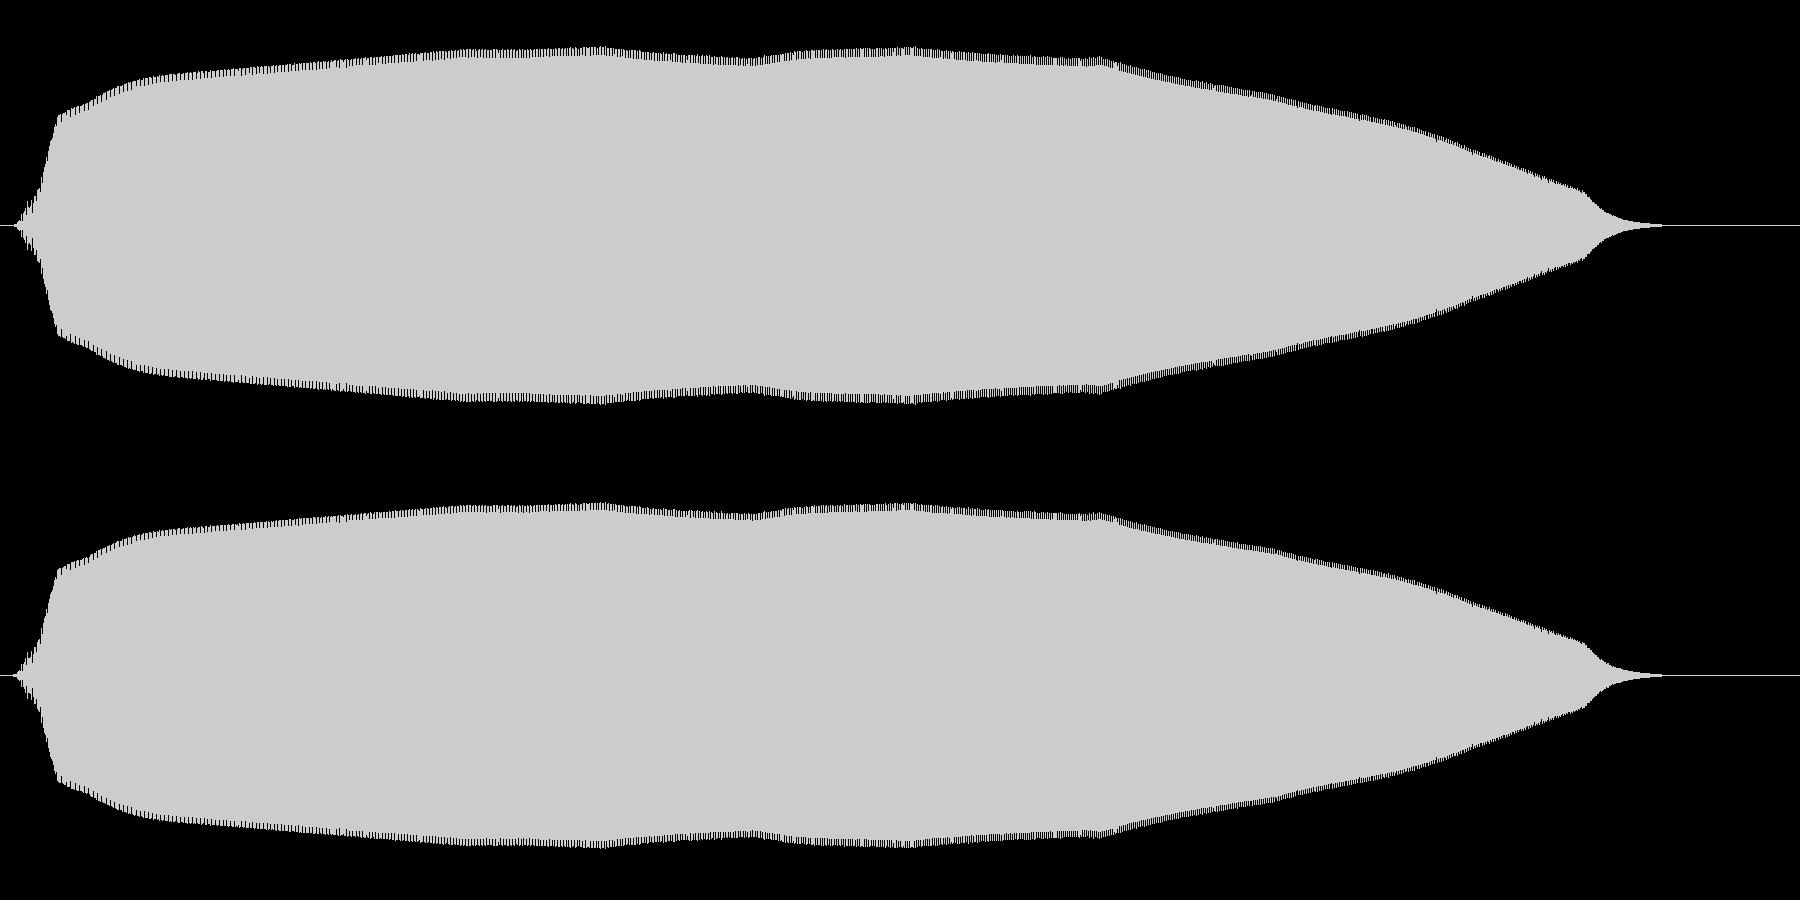 ヒュウーン(落下する物体の効果音)の未再生の波形